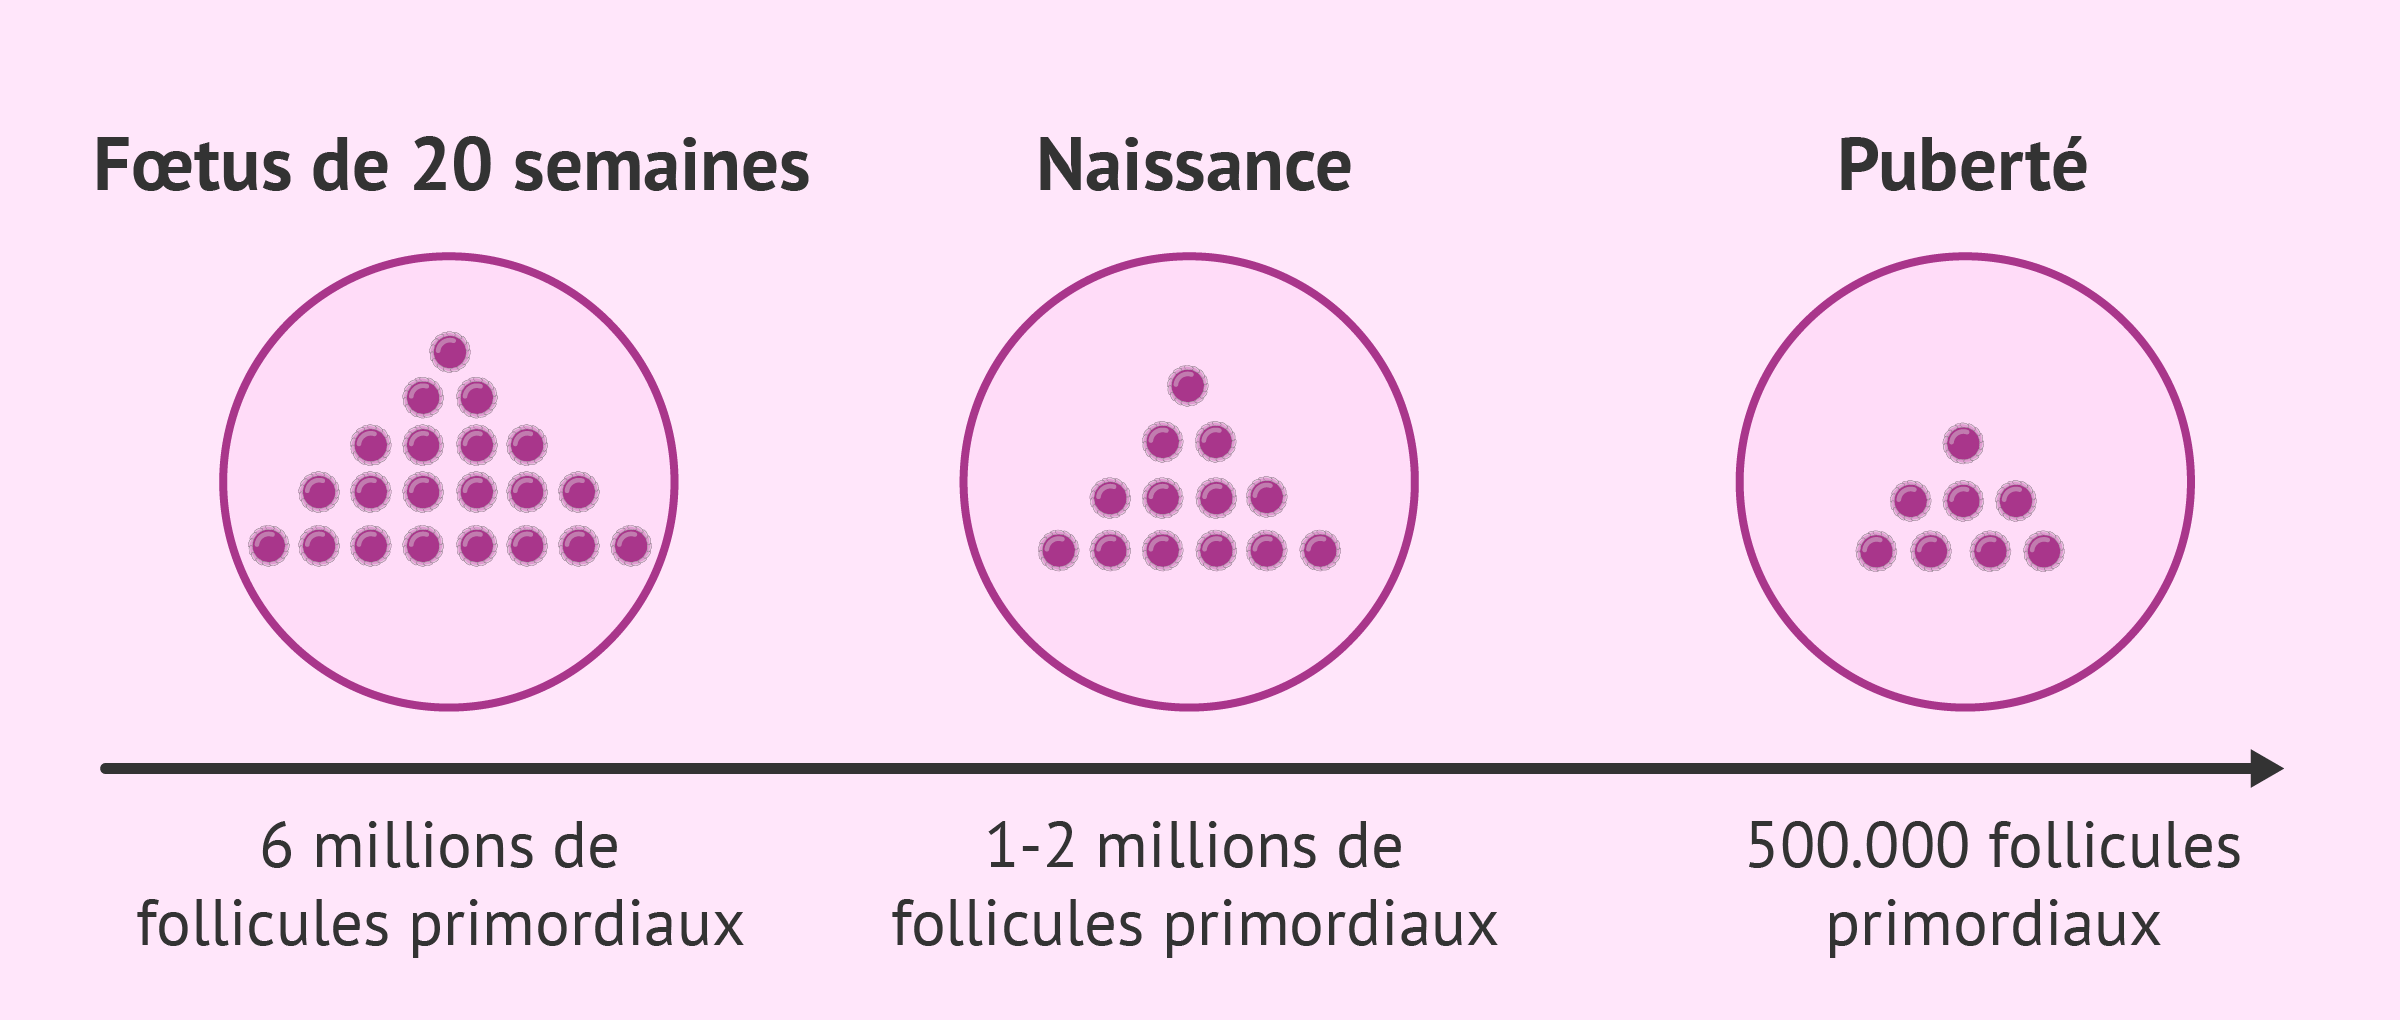 Nombre de follicules primaires chez les femmes avant la naissance et pendant la puberté